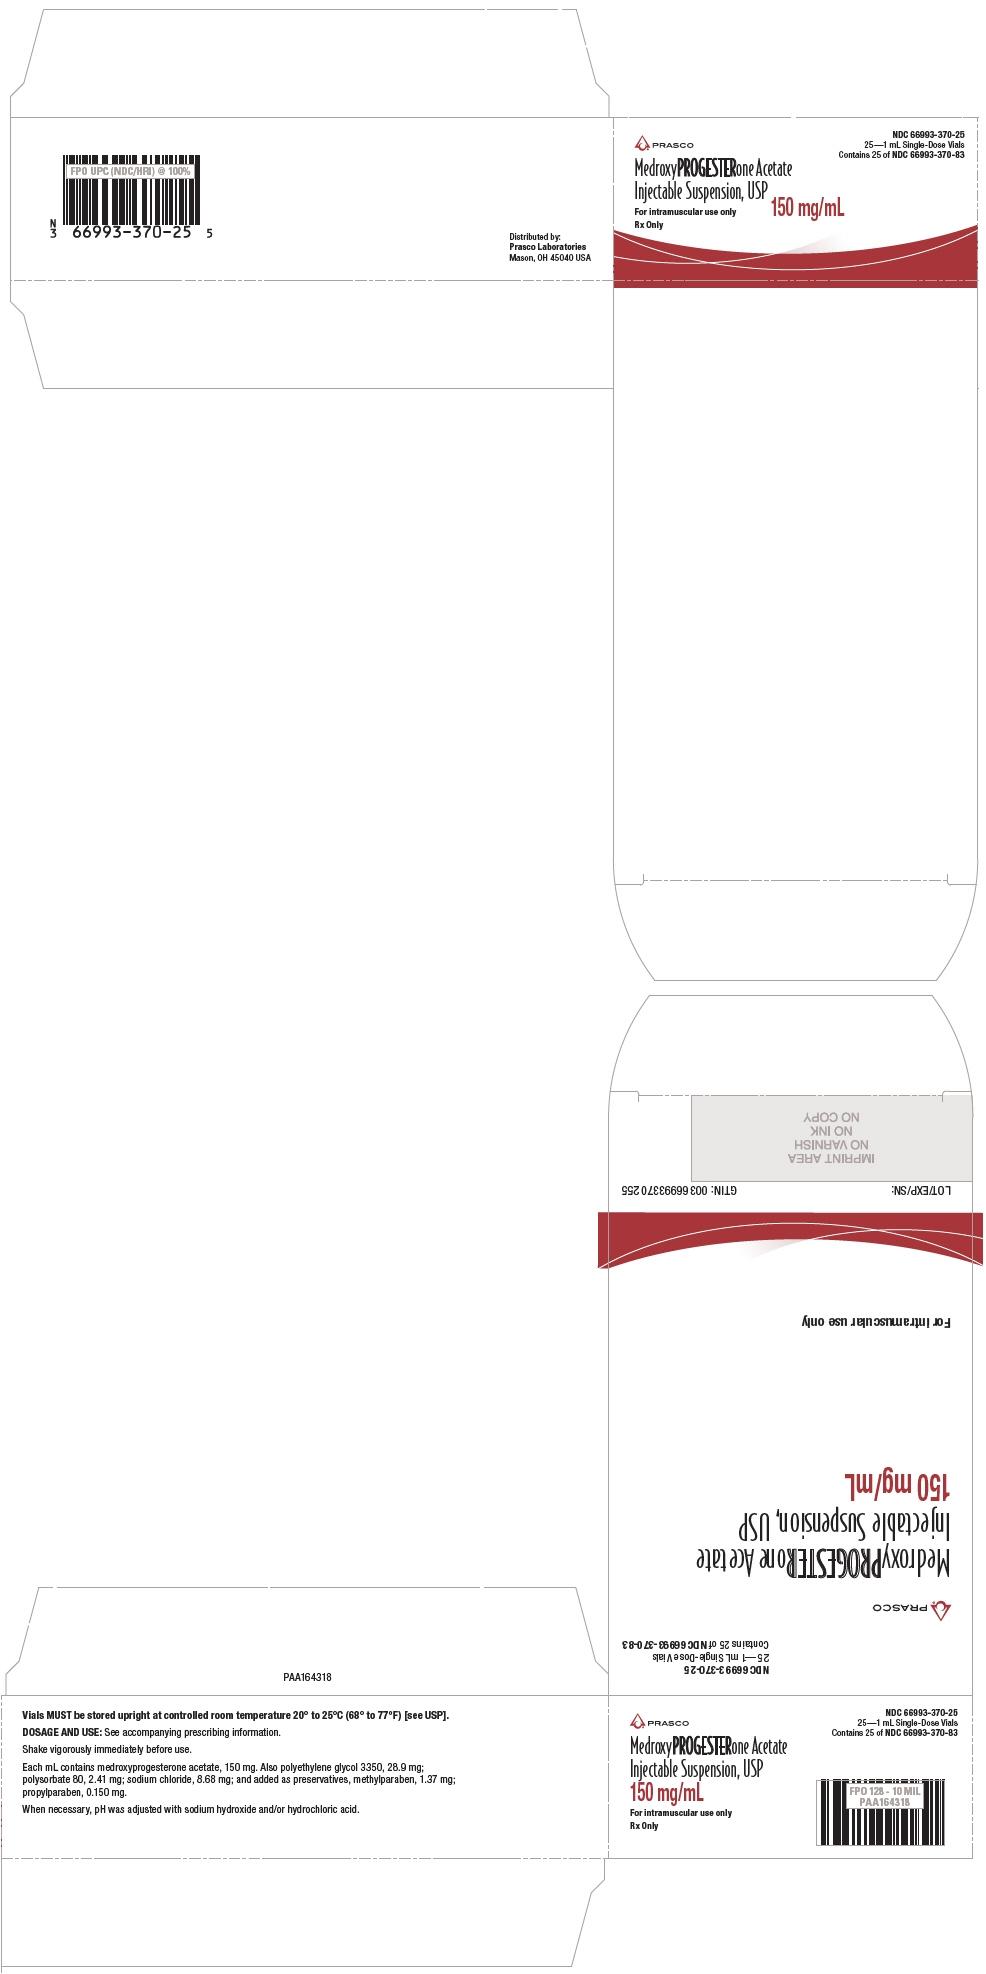 PRINCIPAL DISPLAY PANEL - 150 mg/mL Vial Carton - 66993-370-25